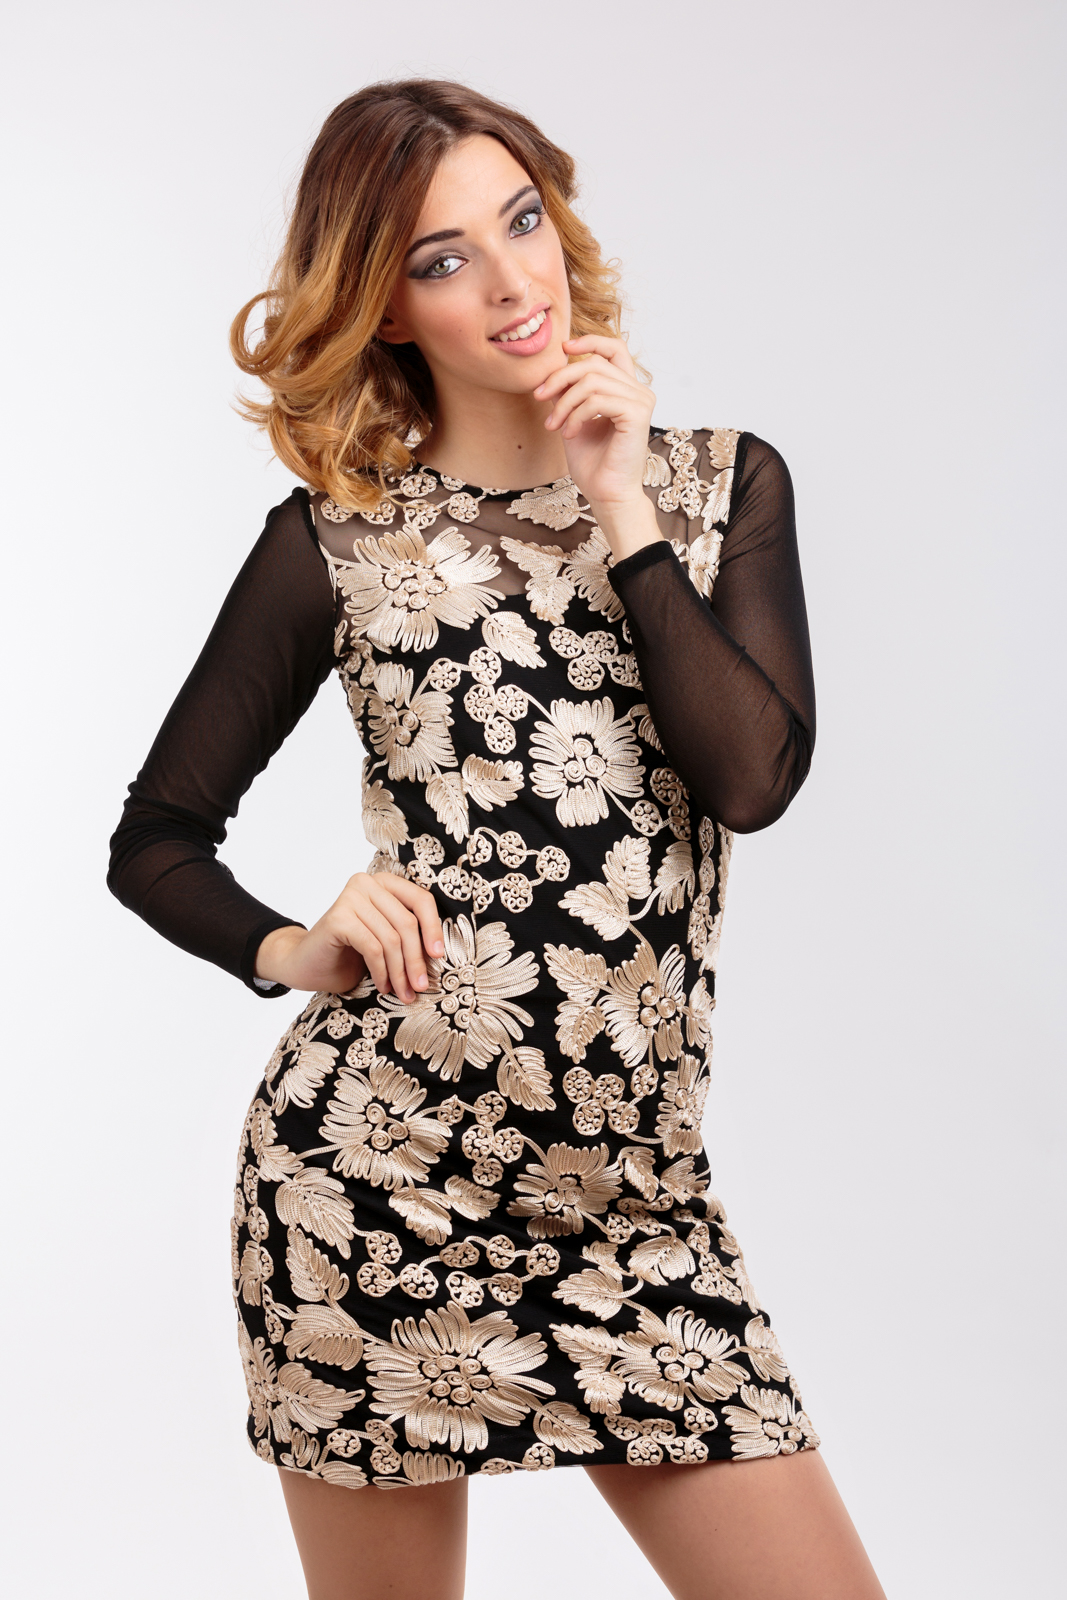 Moda | Fashion